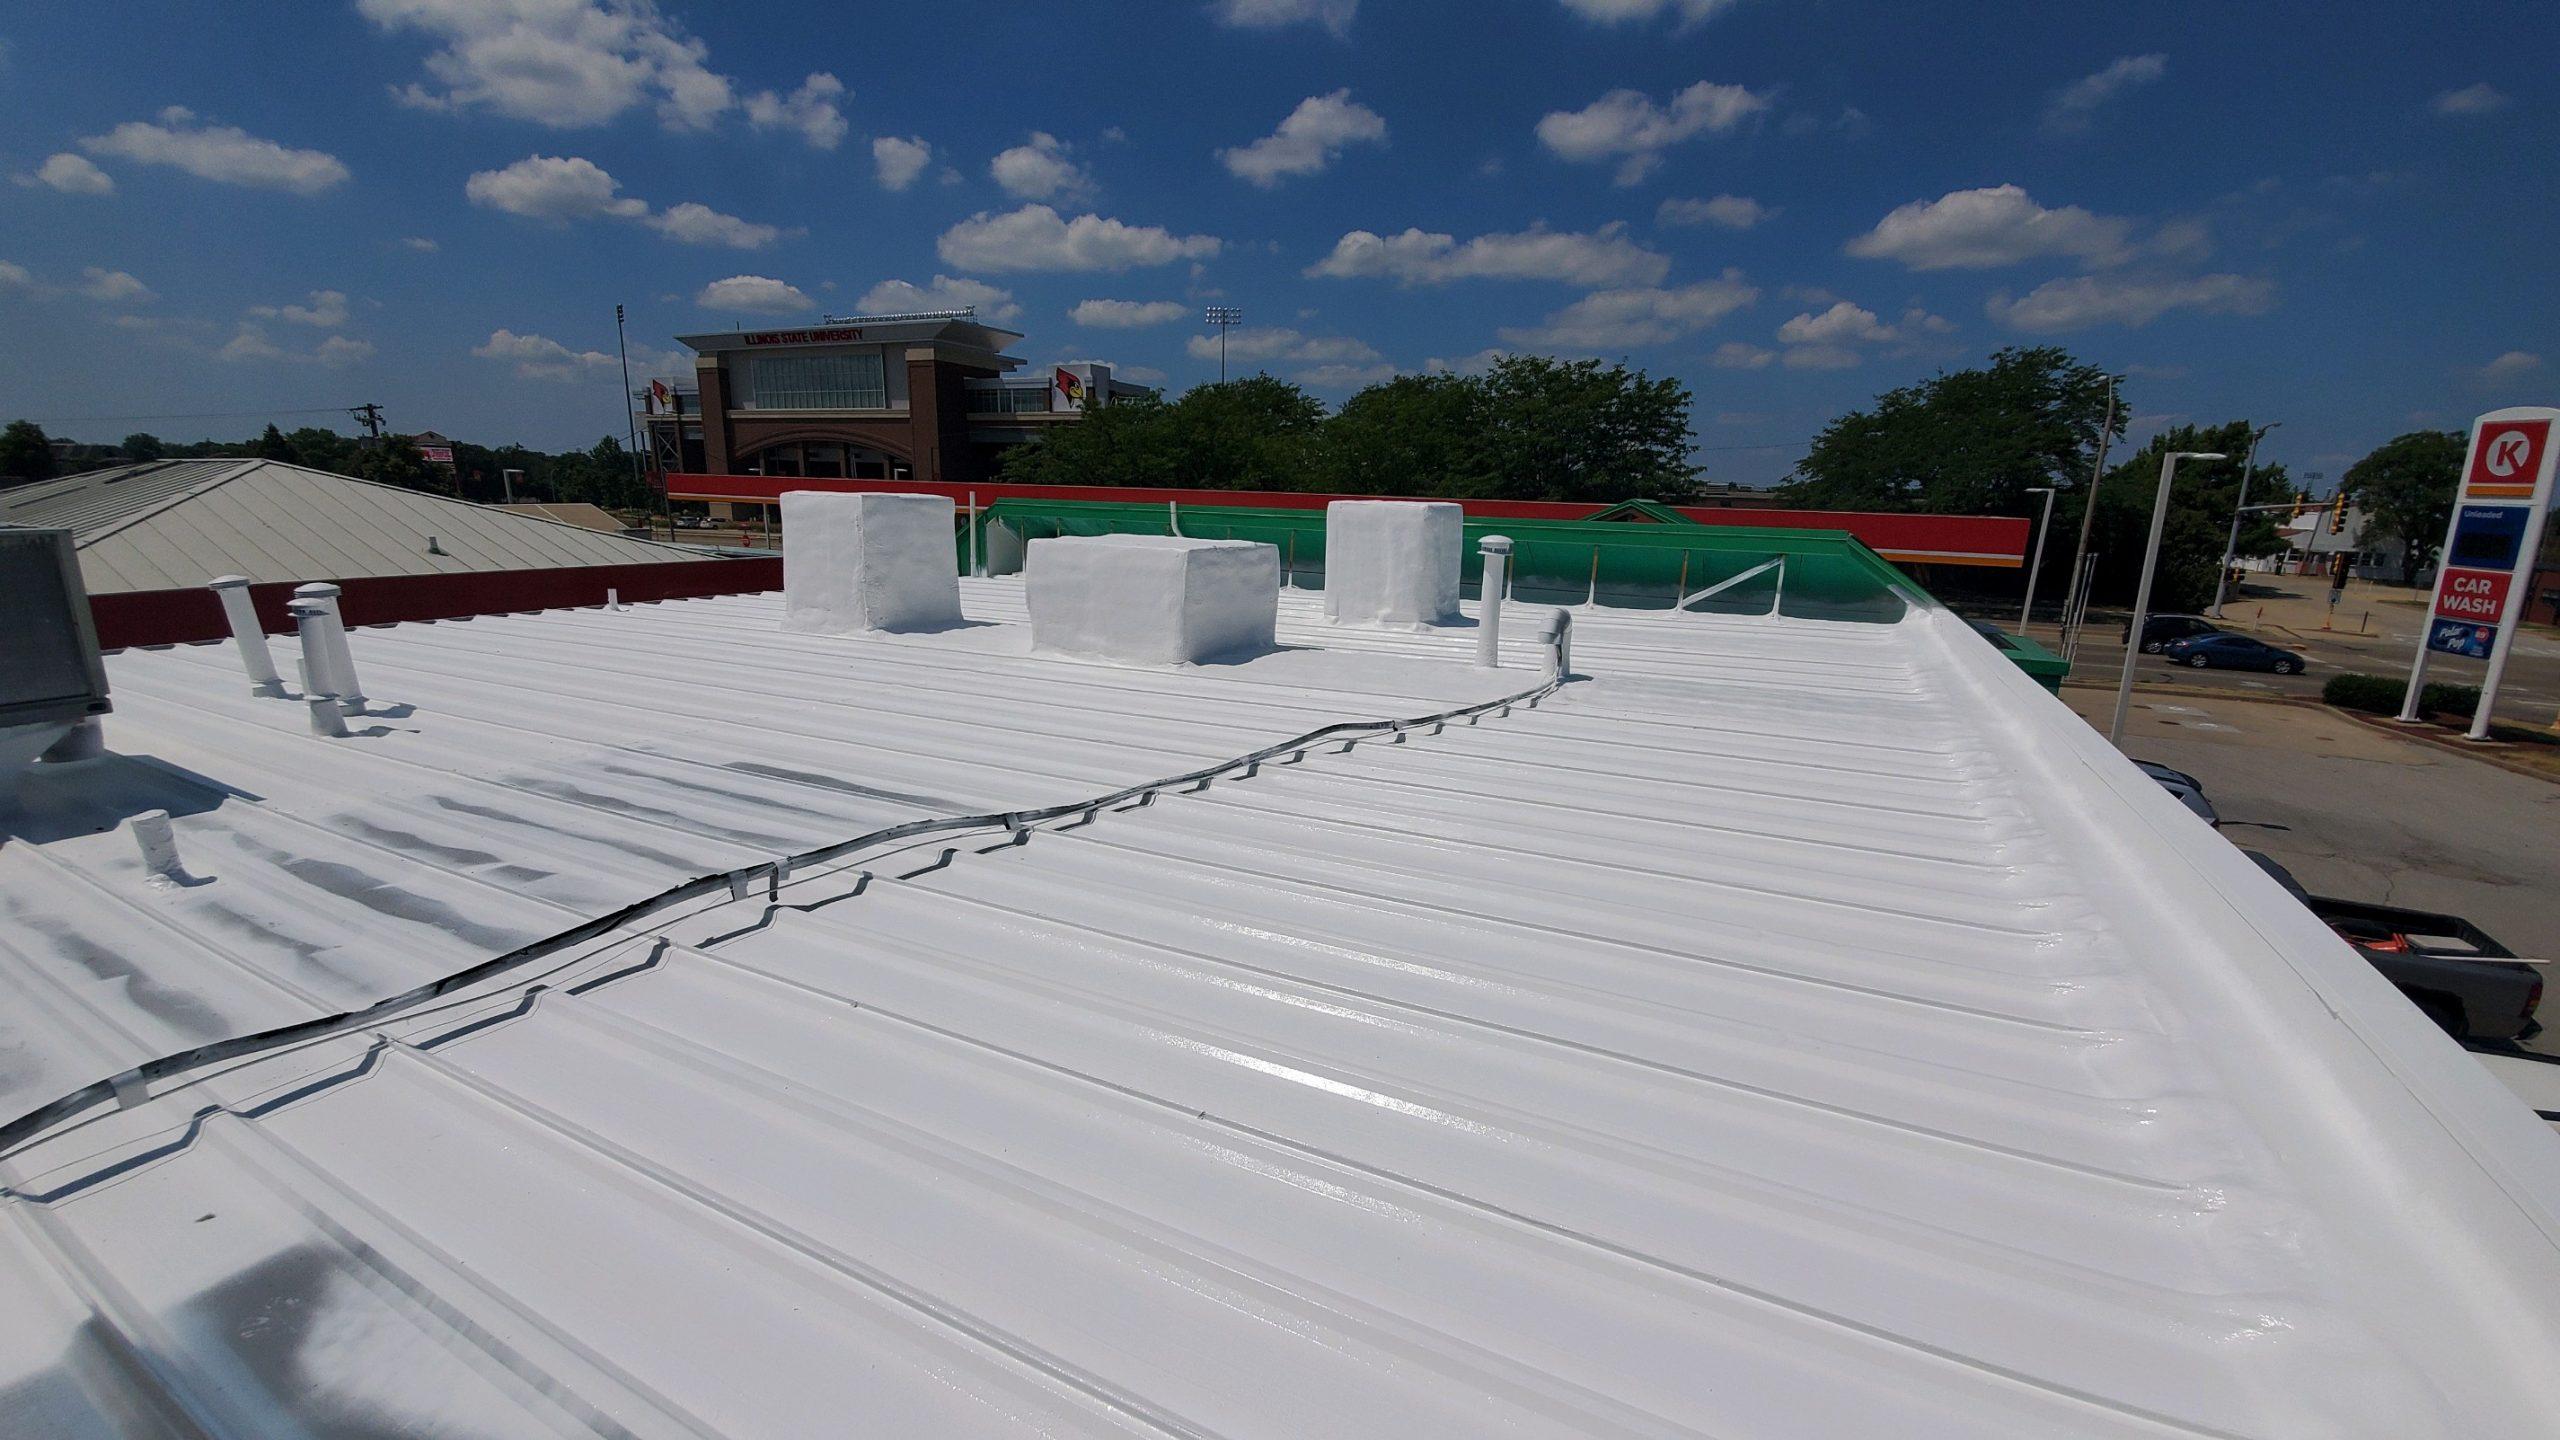 Roof repair job by nisleys qualityb coatings.